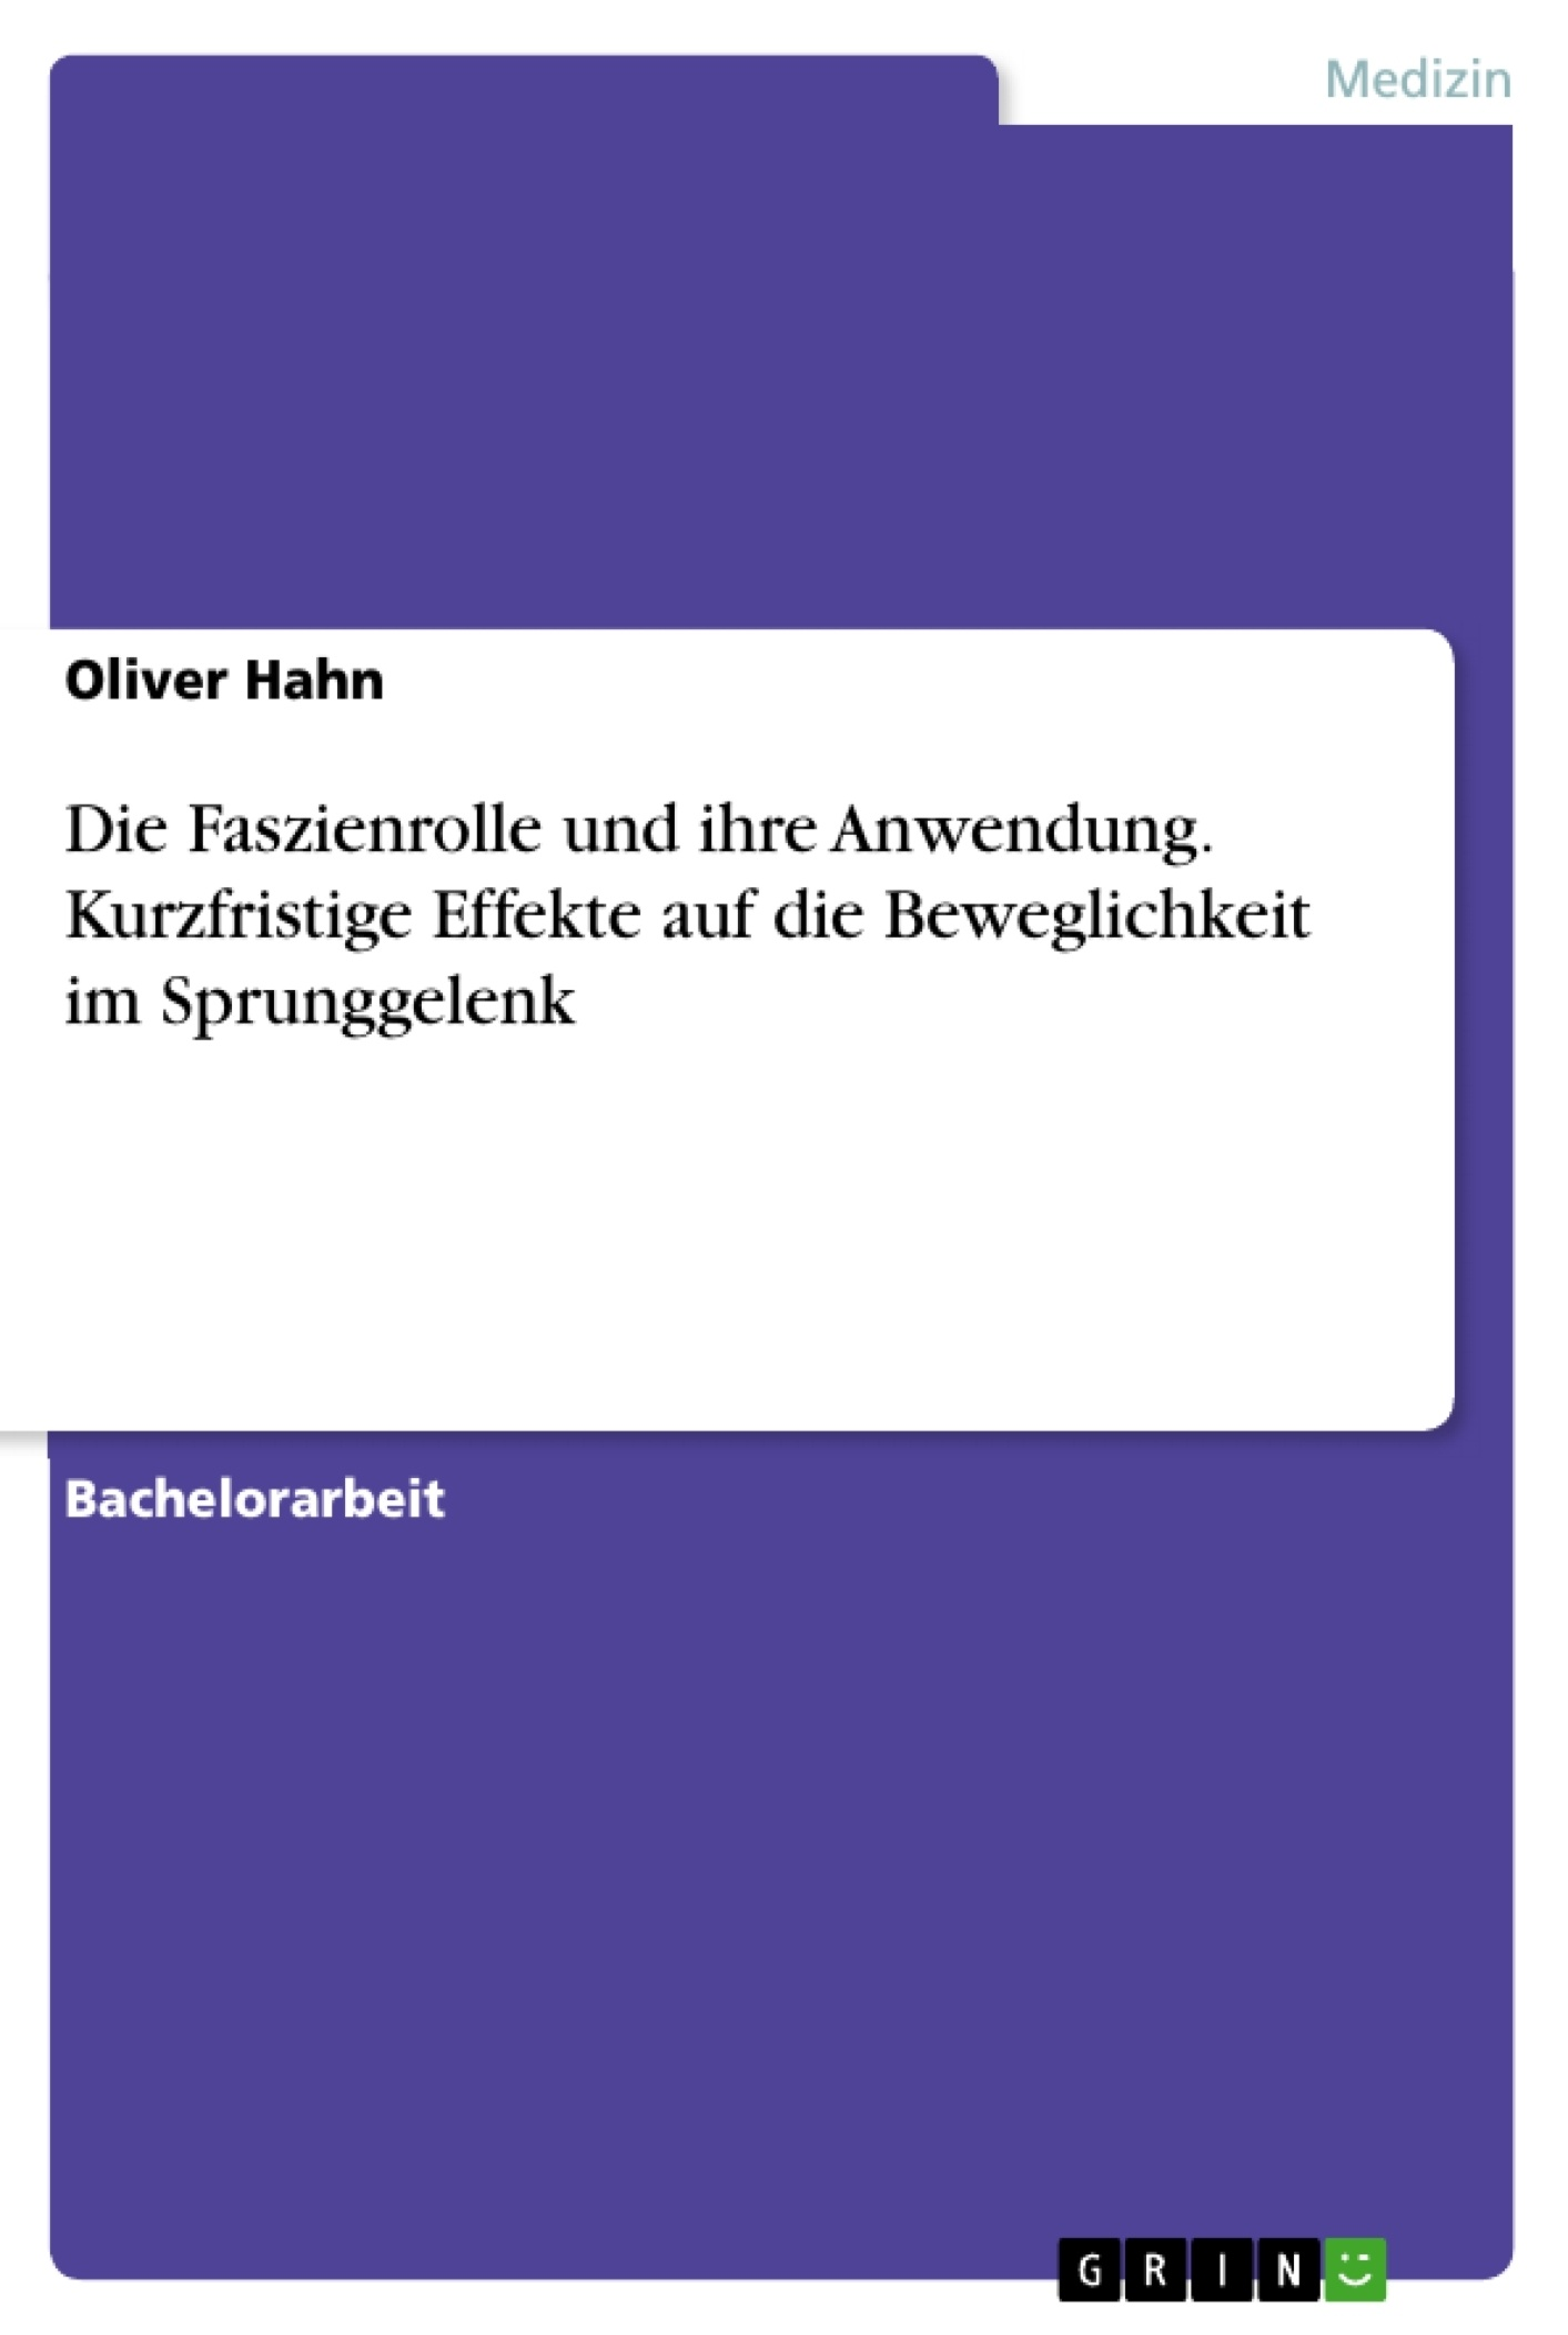 Titel: Die Faszienrolle und ihre Anwendung. Kurzfristige Effekte auf die Beweglichkeit im Sprunggelenk